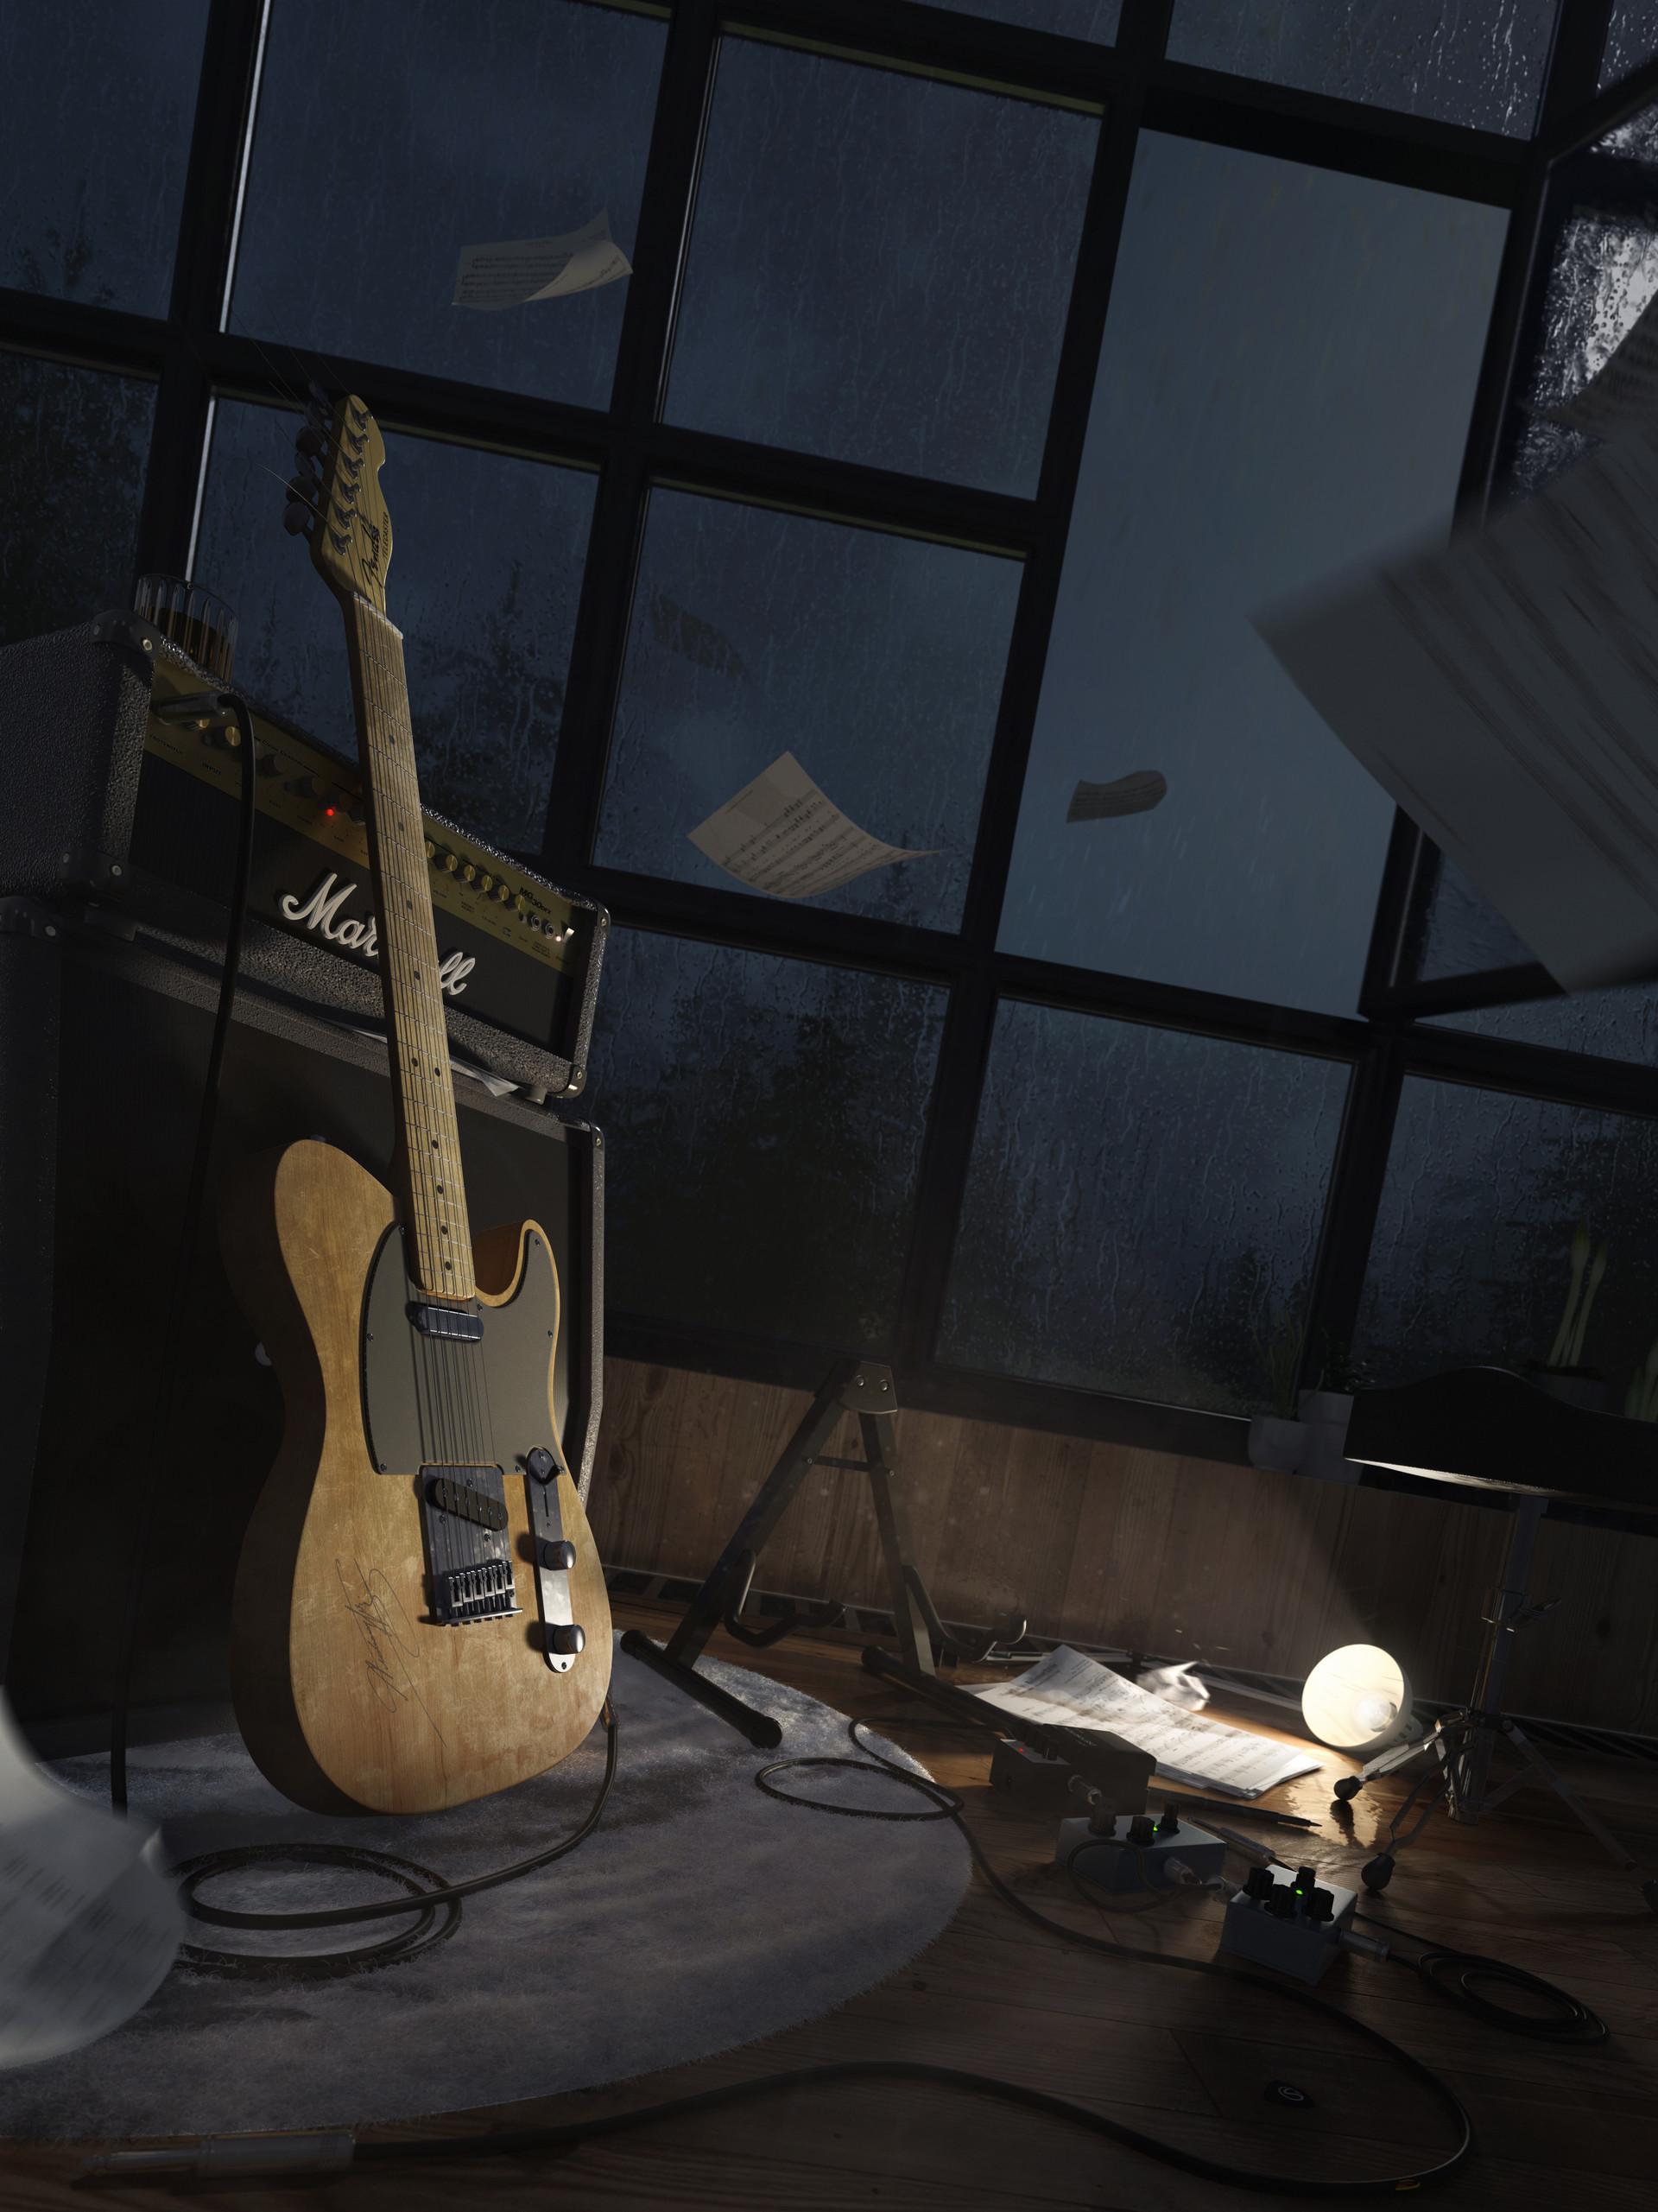 75249 Salvapantallas y fondos de pantalla Música en tu teléfono. Descarga imágenes de Música, Guitarra Electrica, Guitarra Eléctrica, Guitarra, Instrumento Musical, Amplificador, Ventana, Papel gratis